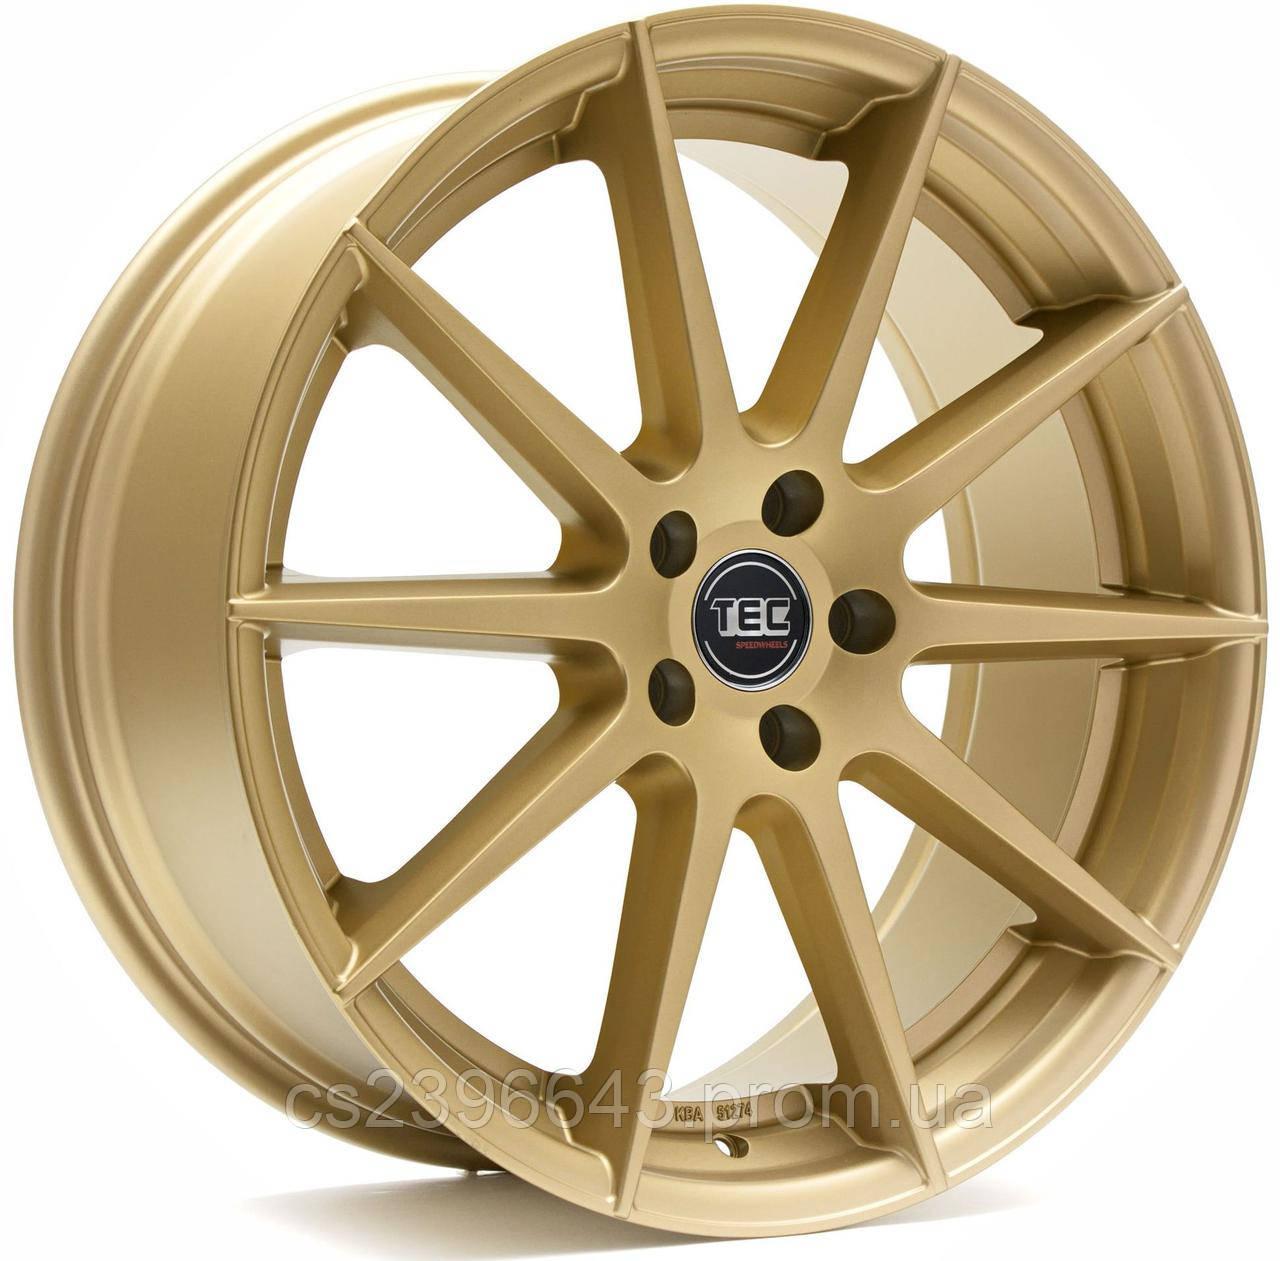 Колесный диск TEC Speedwheels GT7 Ultralight 19x8,5 ET35